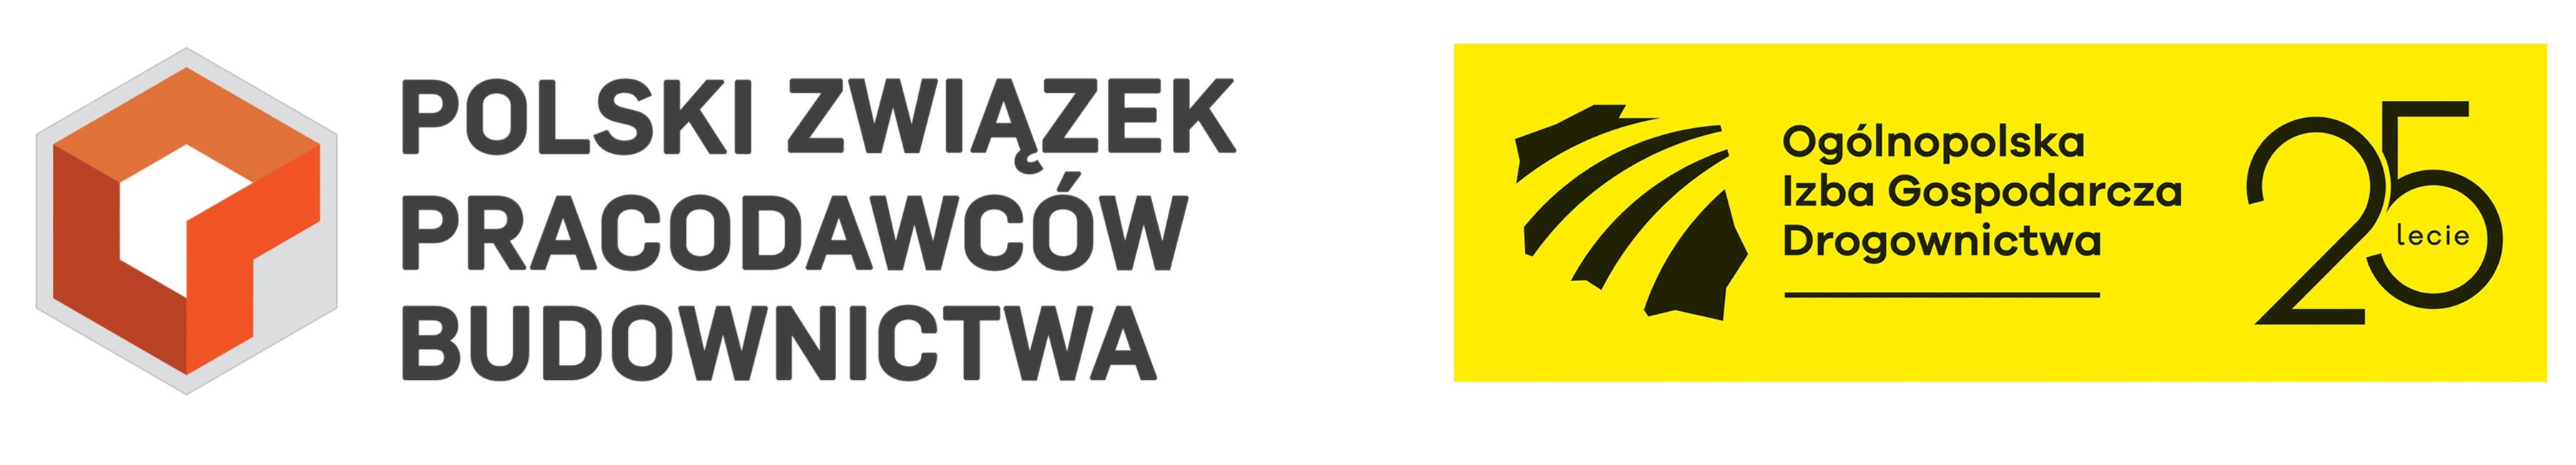 PZPB (Polski Związek Pracodawców Budownictwa), OIGD (Ogólnopolska Izba Gospodarcza Drogownictwa)